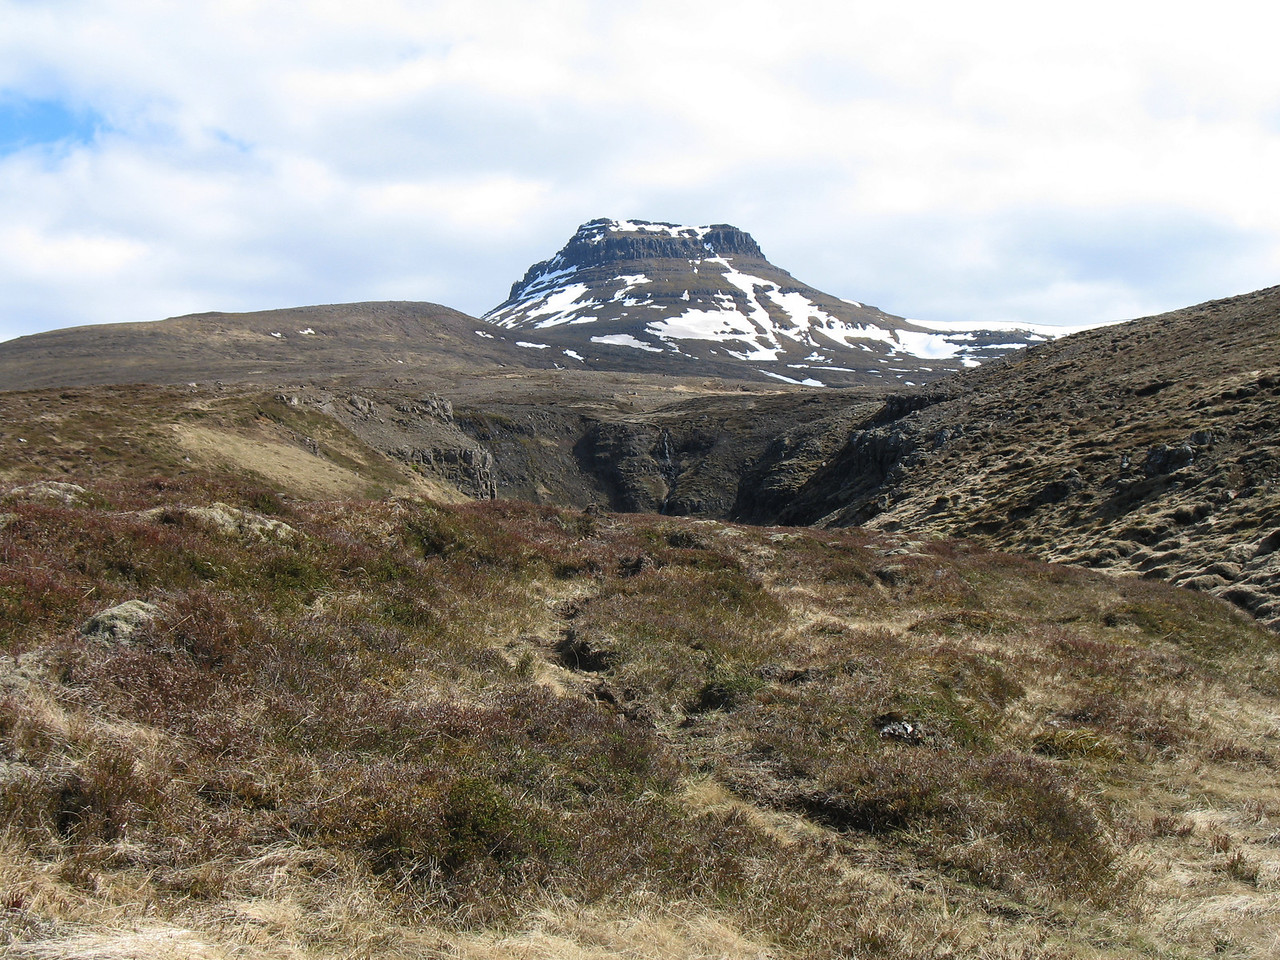 Þótt þessi mynd sýni það varla þá var sólbaðsveður, þarna lágum við drykklanga stund og nutum hvíldarinnar og útsýnis til Hrútaborgarinnar.